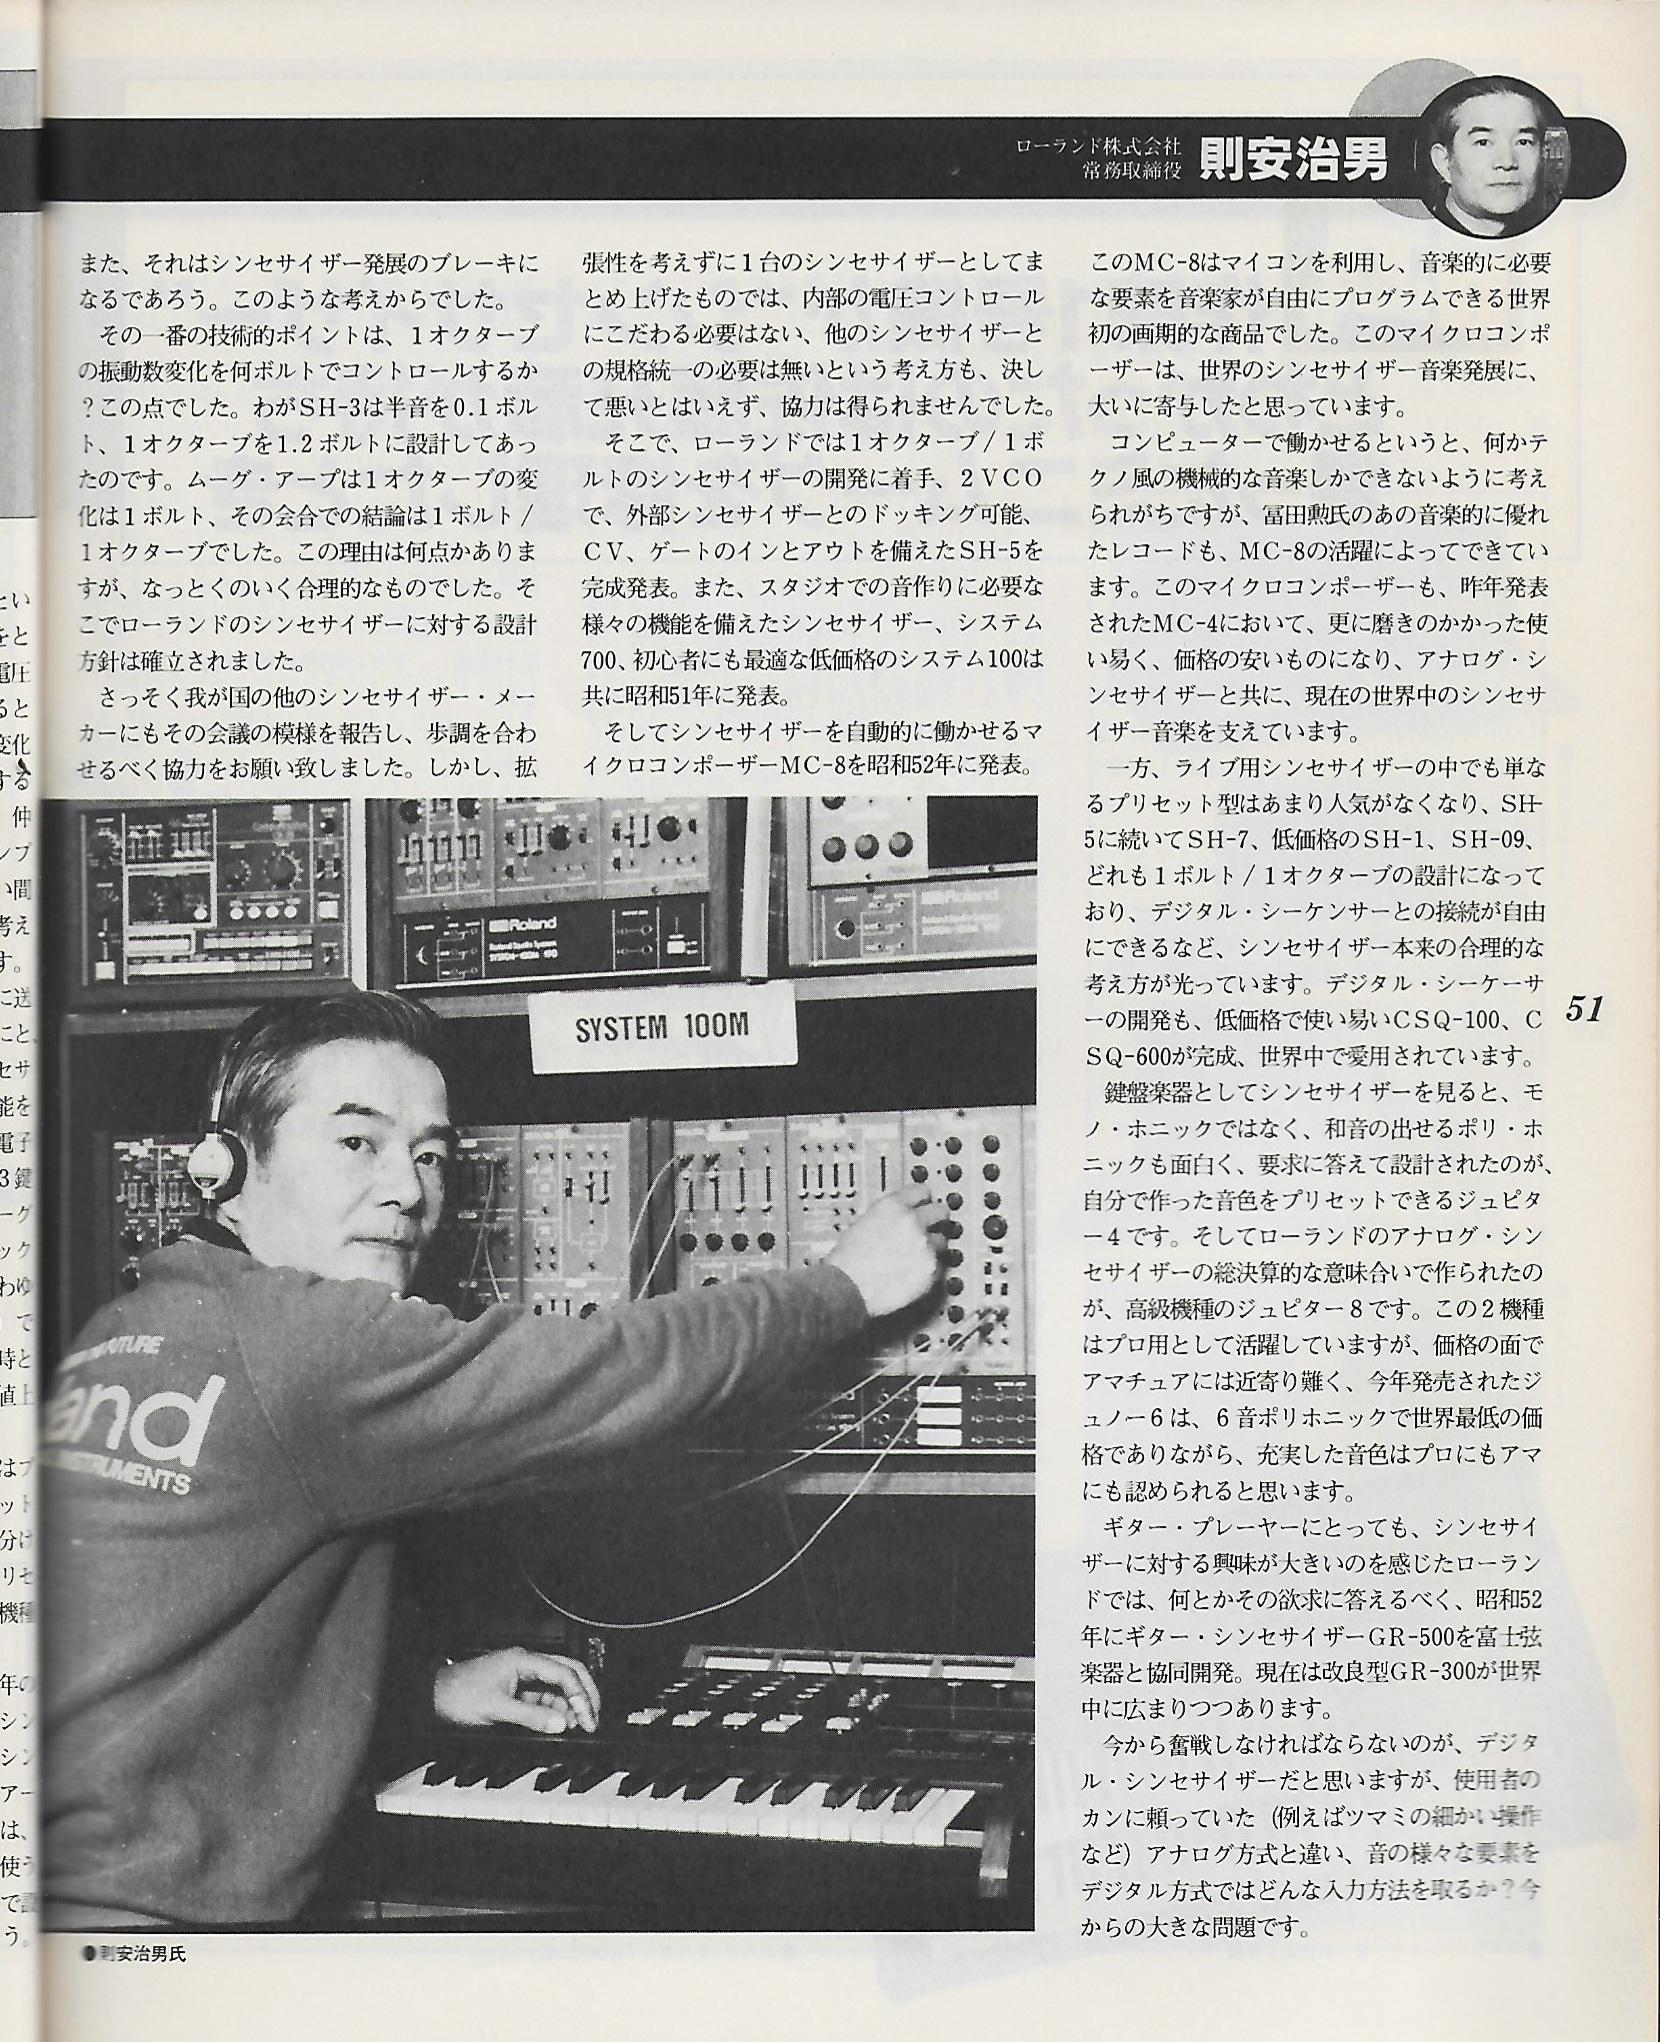 Haruo Noriyasu